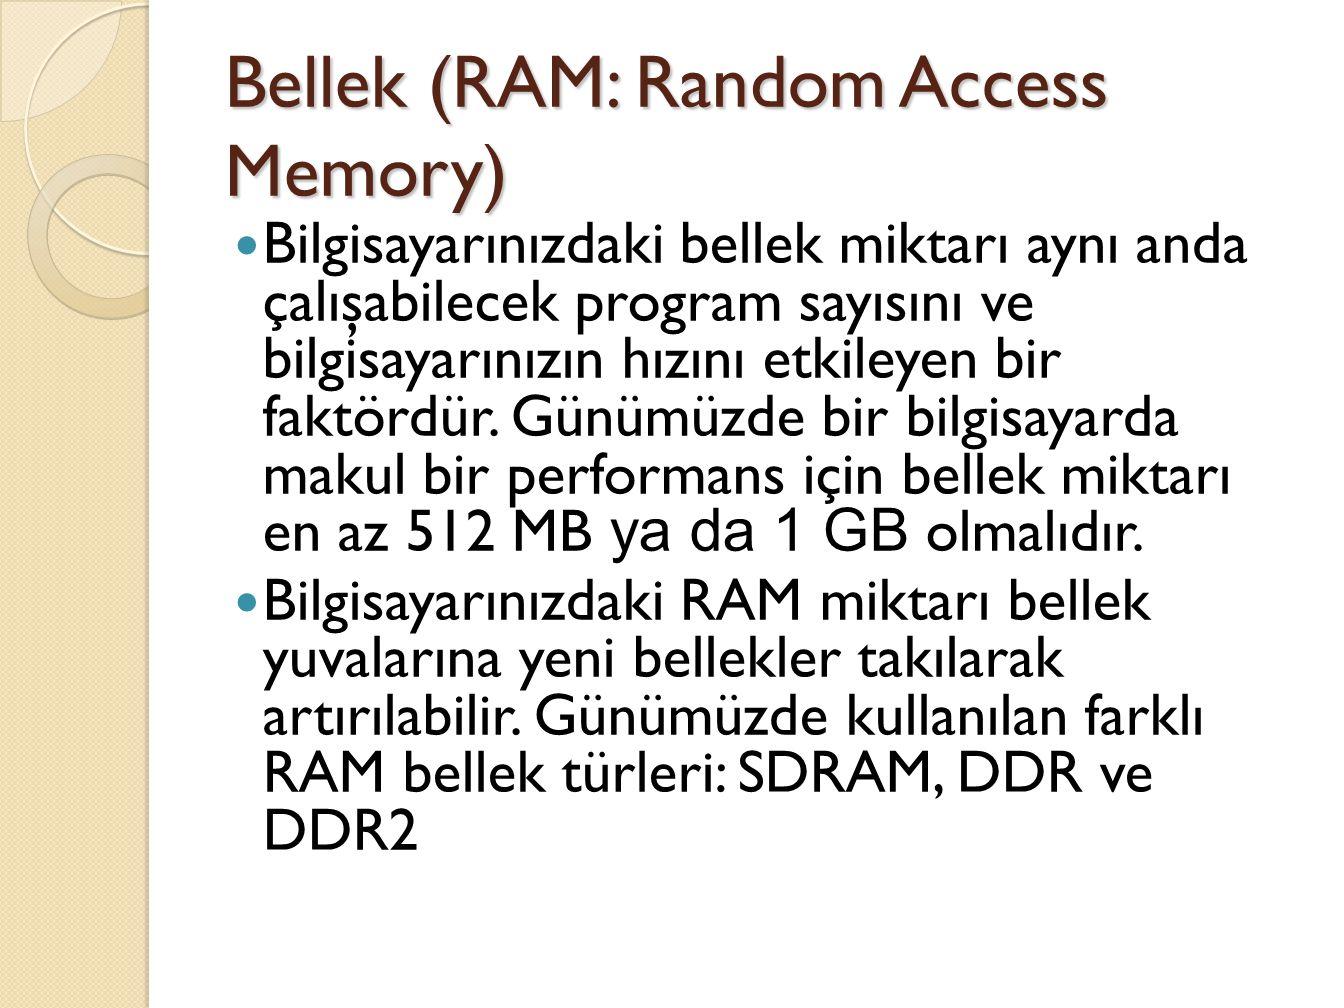 Bellek (RAM: Random Access Memory)